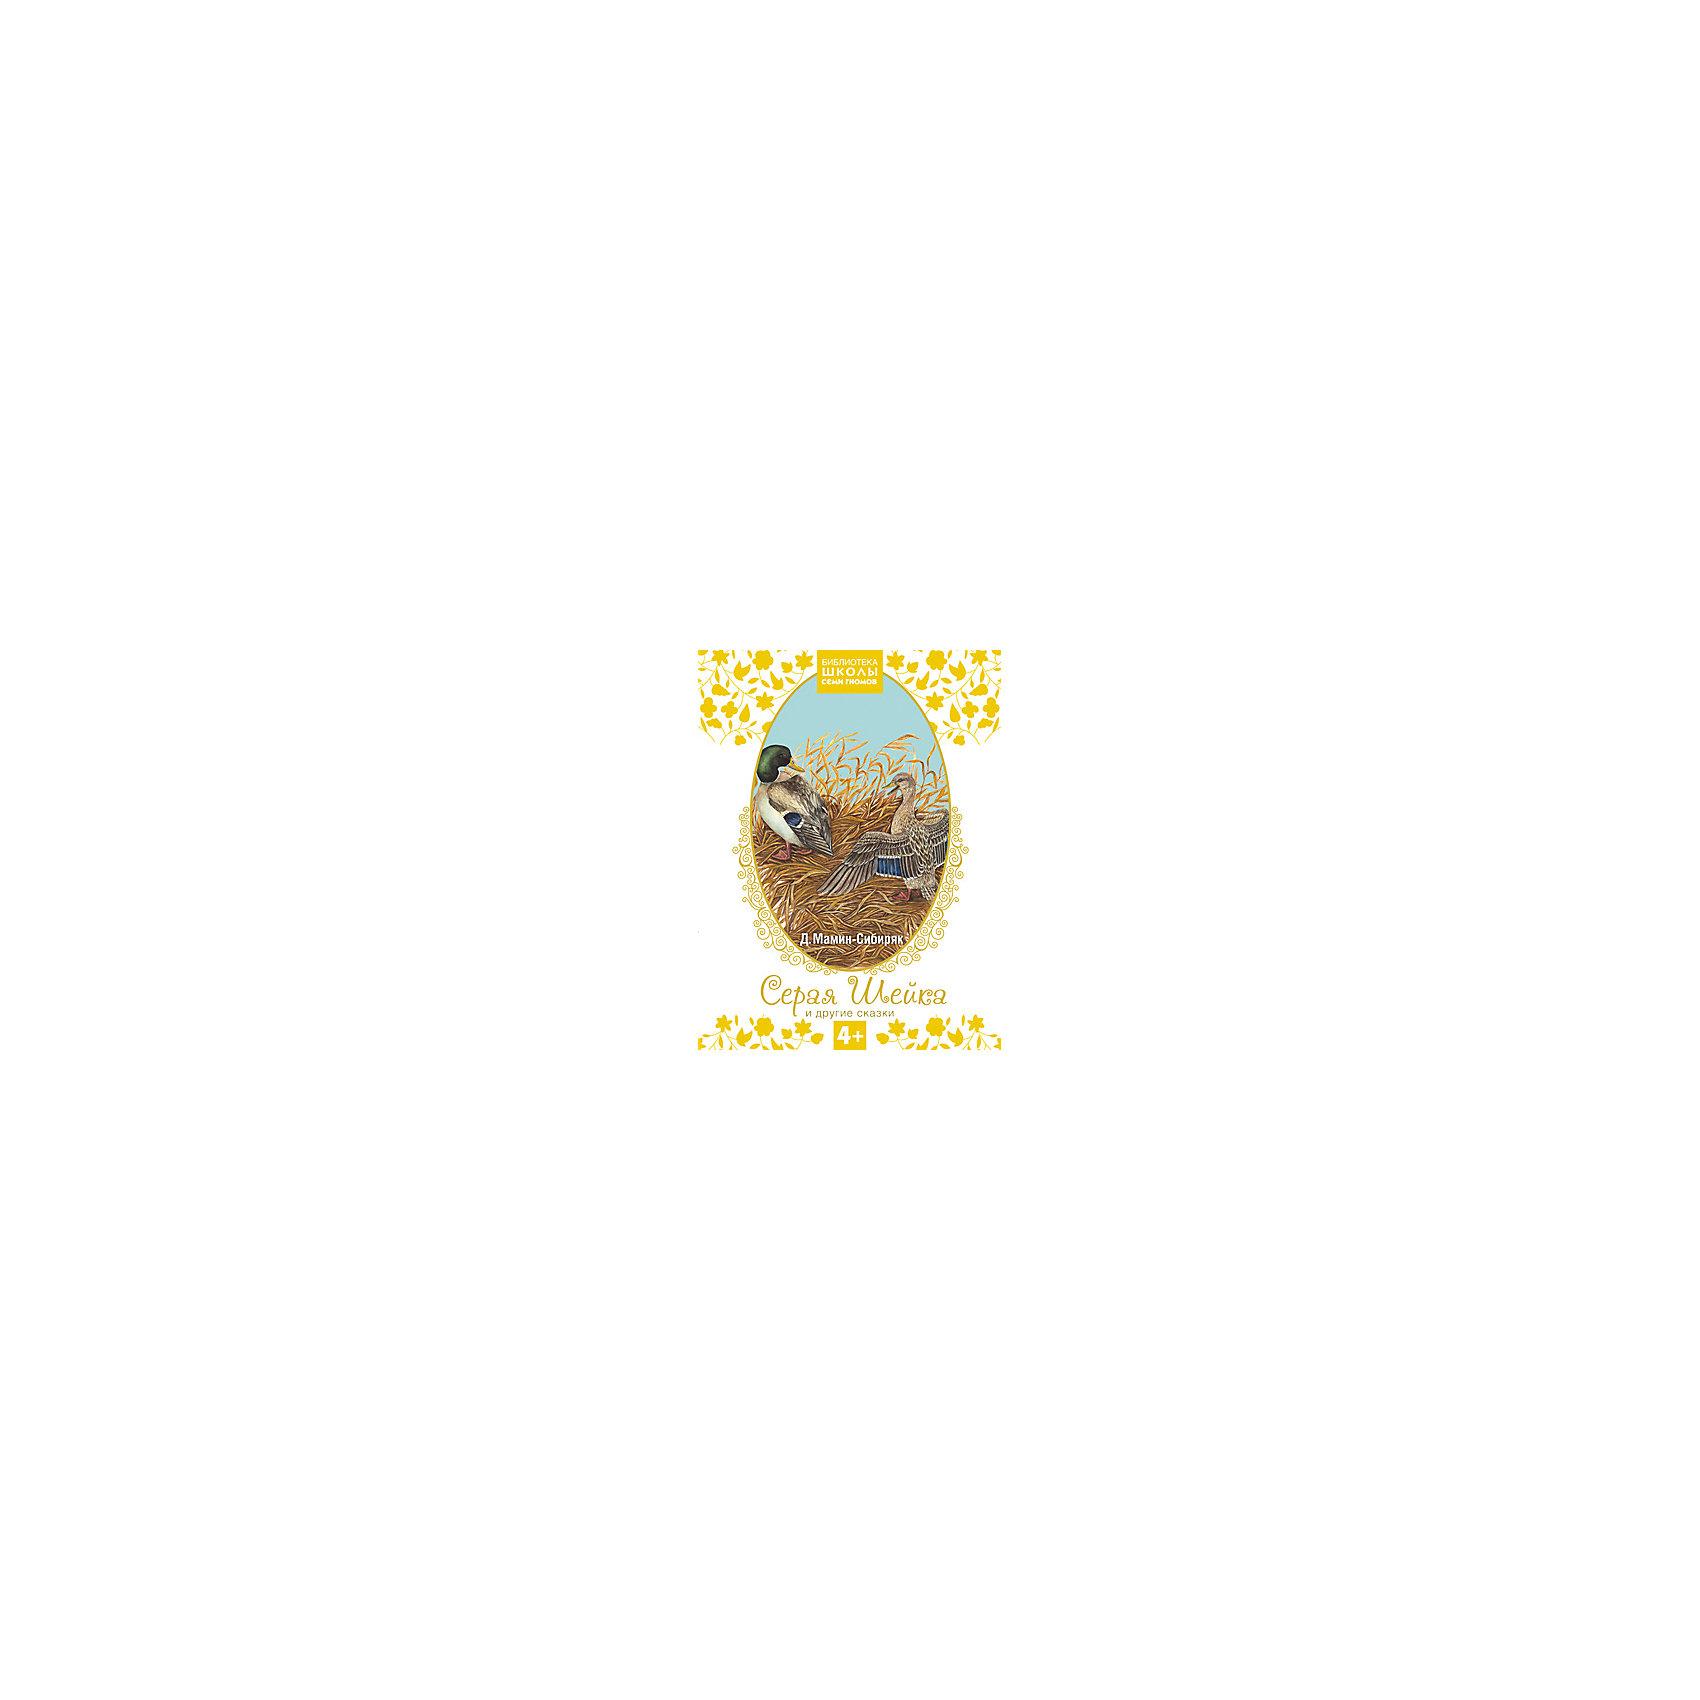 Серая Шейка и другие сказки, Школа Семи ГномовМетодики раннего развития<br>Характеристики товара:<br><br>• возраст: от 4 лет<br>• содержание: Серая шейка, Аленушки сказки (Сказка про храброго Зайца – длинные уши, косые глаза, короткий хвост; Сказка про Комара Комаровича – длинный нос и мохнатого Мишу – короткий хвост)<br>• автор: Мамин-Сибиряк Дмитрий Наркисович<br>• художник: Никифорова Д.<br>• издательство: Мозаика-Синтез, 2014 г.<br>• серия: Библиотека Школы Семи Гномов<br>• тип обложки: 7Б - твердая (плотная бумага или картон)<br>• оформление: тиснение золотом, частичная лакировка<br>• иллюстрации: цветные<br>• количество страниц: 40 (мелованная)<br>• размер: 29,6х22,2х1,1 см.<br>• вес: 536 гр.<br>• ISBN: 9785431500756<br><br>Книга сказок Дмитрия Мамина-Сибиряка прекрасно подходит для знакомства детей с животными средней полосы. Автору удалось органично соединить сказочные сюжеты с правдивым описанием жизни птиц, зверей и насекомых.<br><br>Слушая трогательную историю о том, как уточка Серая Шейка осталась одна зимовать на реке и чудом спаслась от Лисы, ребята узнают, каких птиц называют перелетными и как происходит смена времен года. Необыкновенно реалистичные иллюстрации к сказке перенесут маленьких читателей сначала в осенний лес, а затем в зимний. Можно бесконечно долго любоваться яркими гроздьями рябины, цветными листьями клена, белоснежными полями, зелеными еловыми лапами.<br><br>В сборник также входят две «Аленушкины сказки»: Сказка про храброго Зайца - длинные уши, косые глаза, короткий хвост и Сказка про Комара Комаровича - длинный нос и мохнатого Мишу - короткий хвост.<br><br>Книга прекрасно оформлена: белоснежная плотная мелованная бумага, крупный четкий шрифт, красочные иллюстрации, изображающие персонажей произведений в натуралистичных цветах, спокойной цветовой гамме. Книга включает полные классические тексты произведений.<br><br>Книгу «Серая Шейка и другие сказки», Школа Семи Гномов можно купить в нашем интернет-магазине.<br><br>Ширина мм: 10<br>Гл